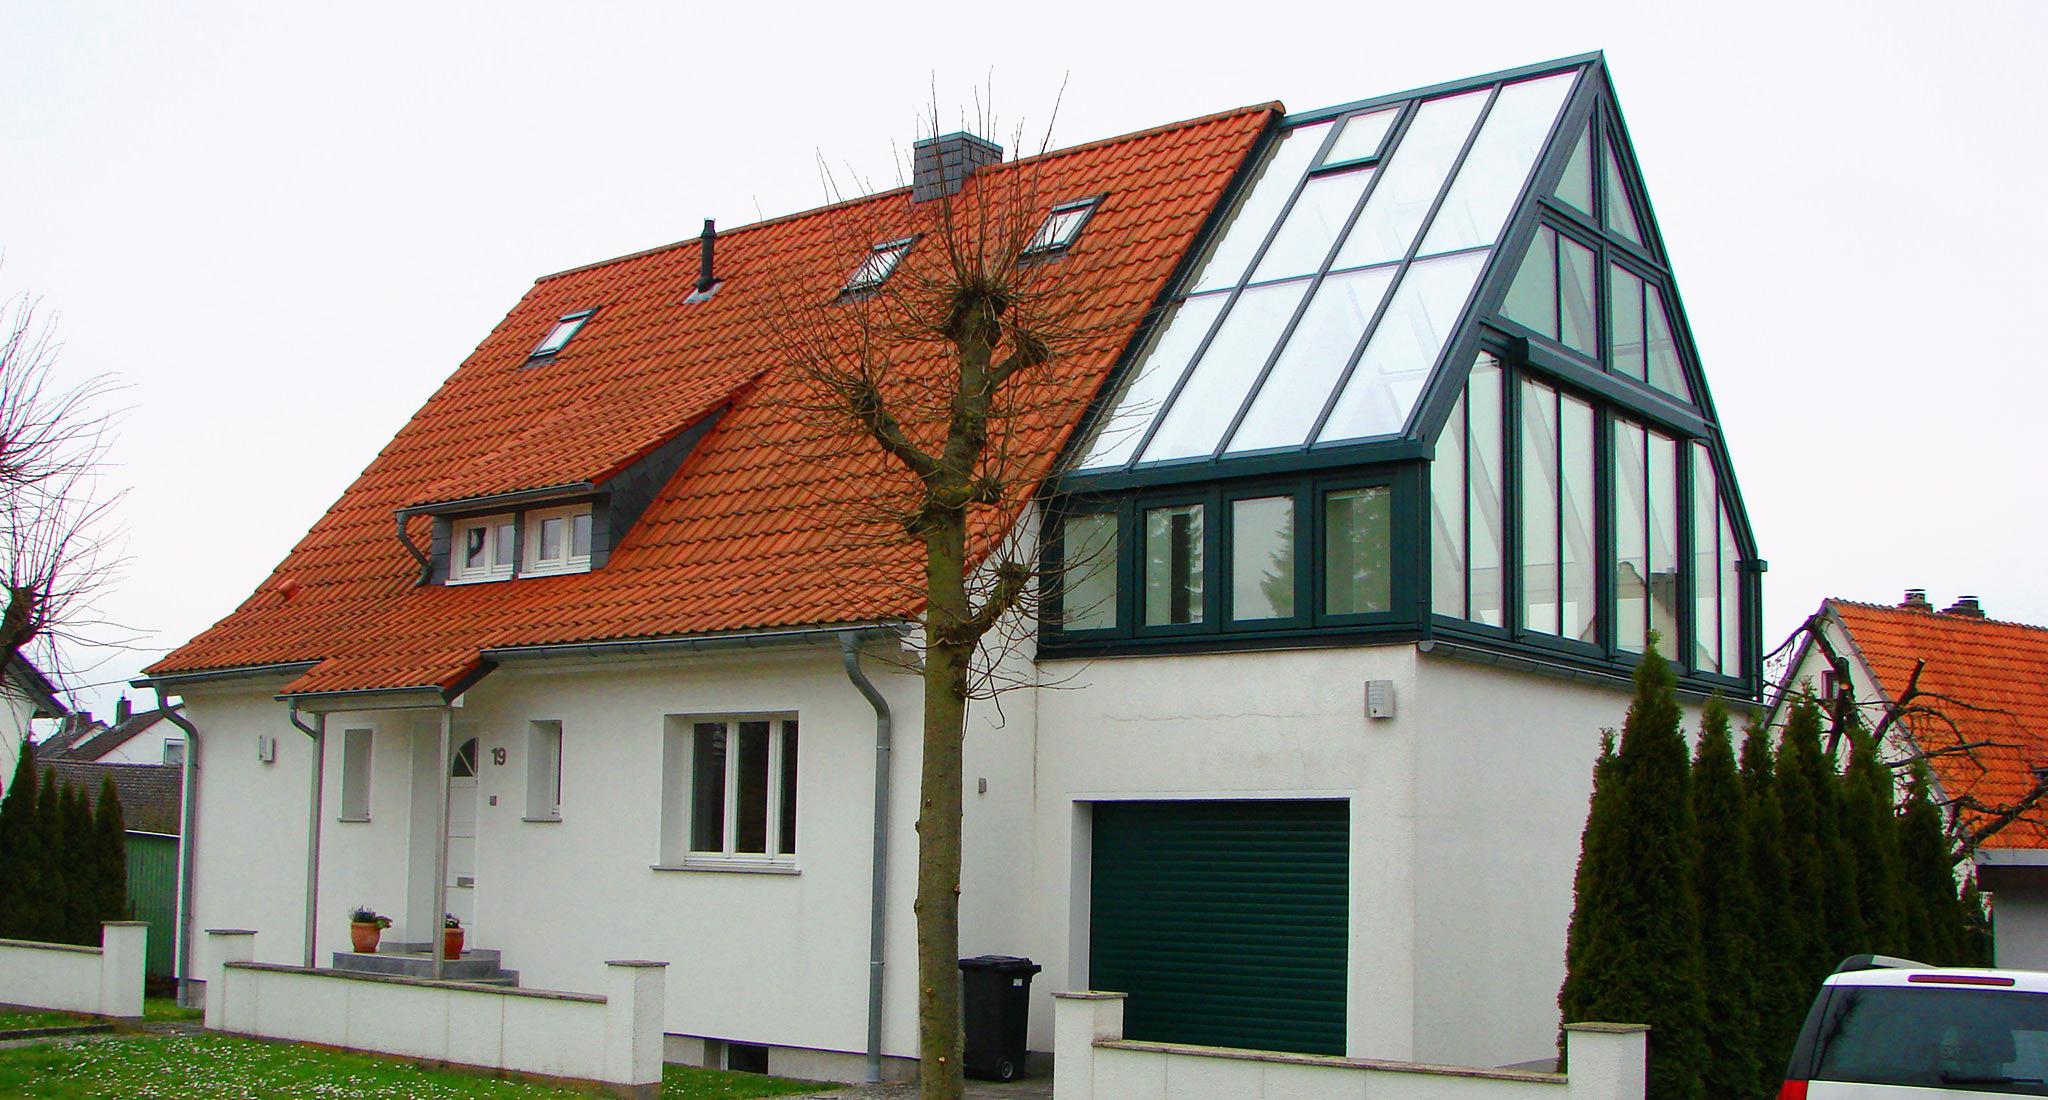 Häufig Wintergarten-Nutzung: Vielfältige Möglichkeiten | Krenzer-Wintergarten CJ07